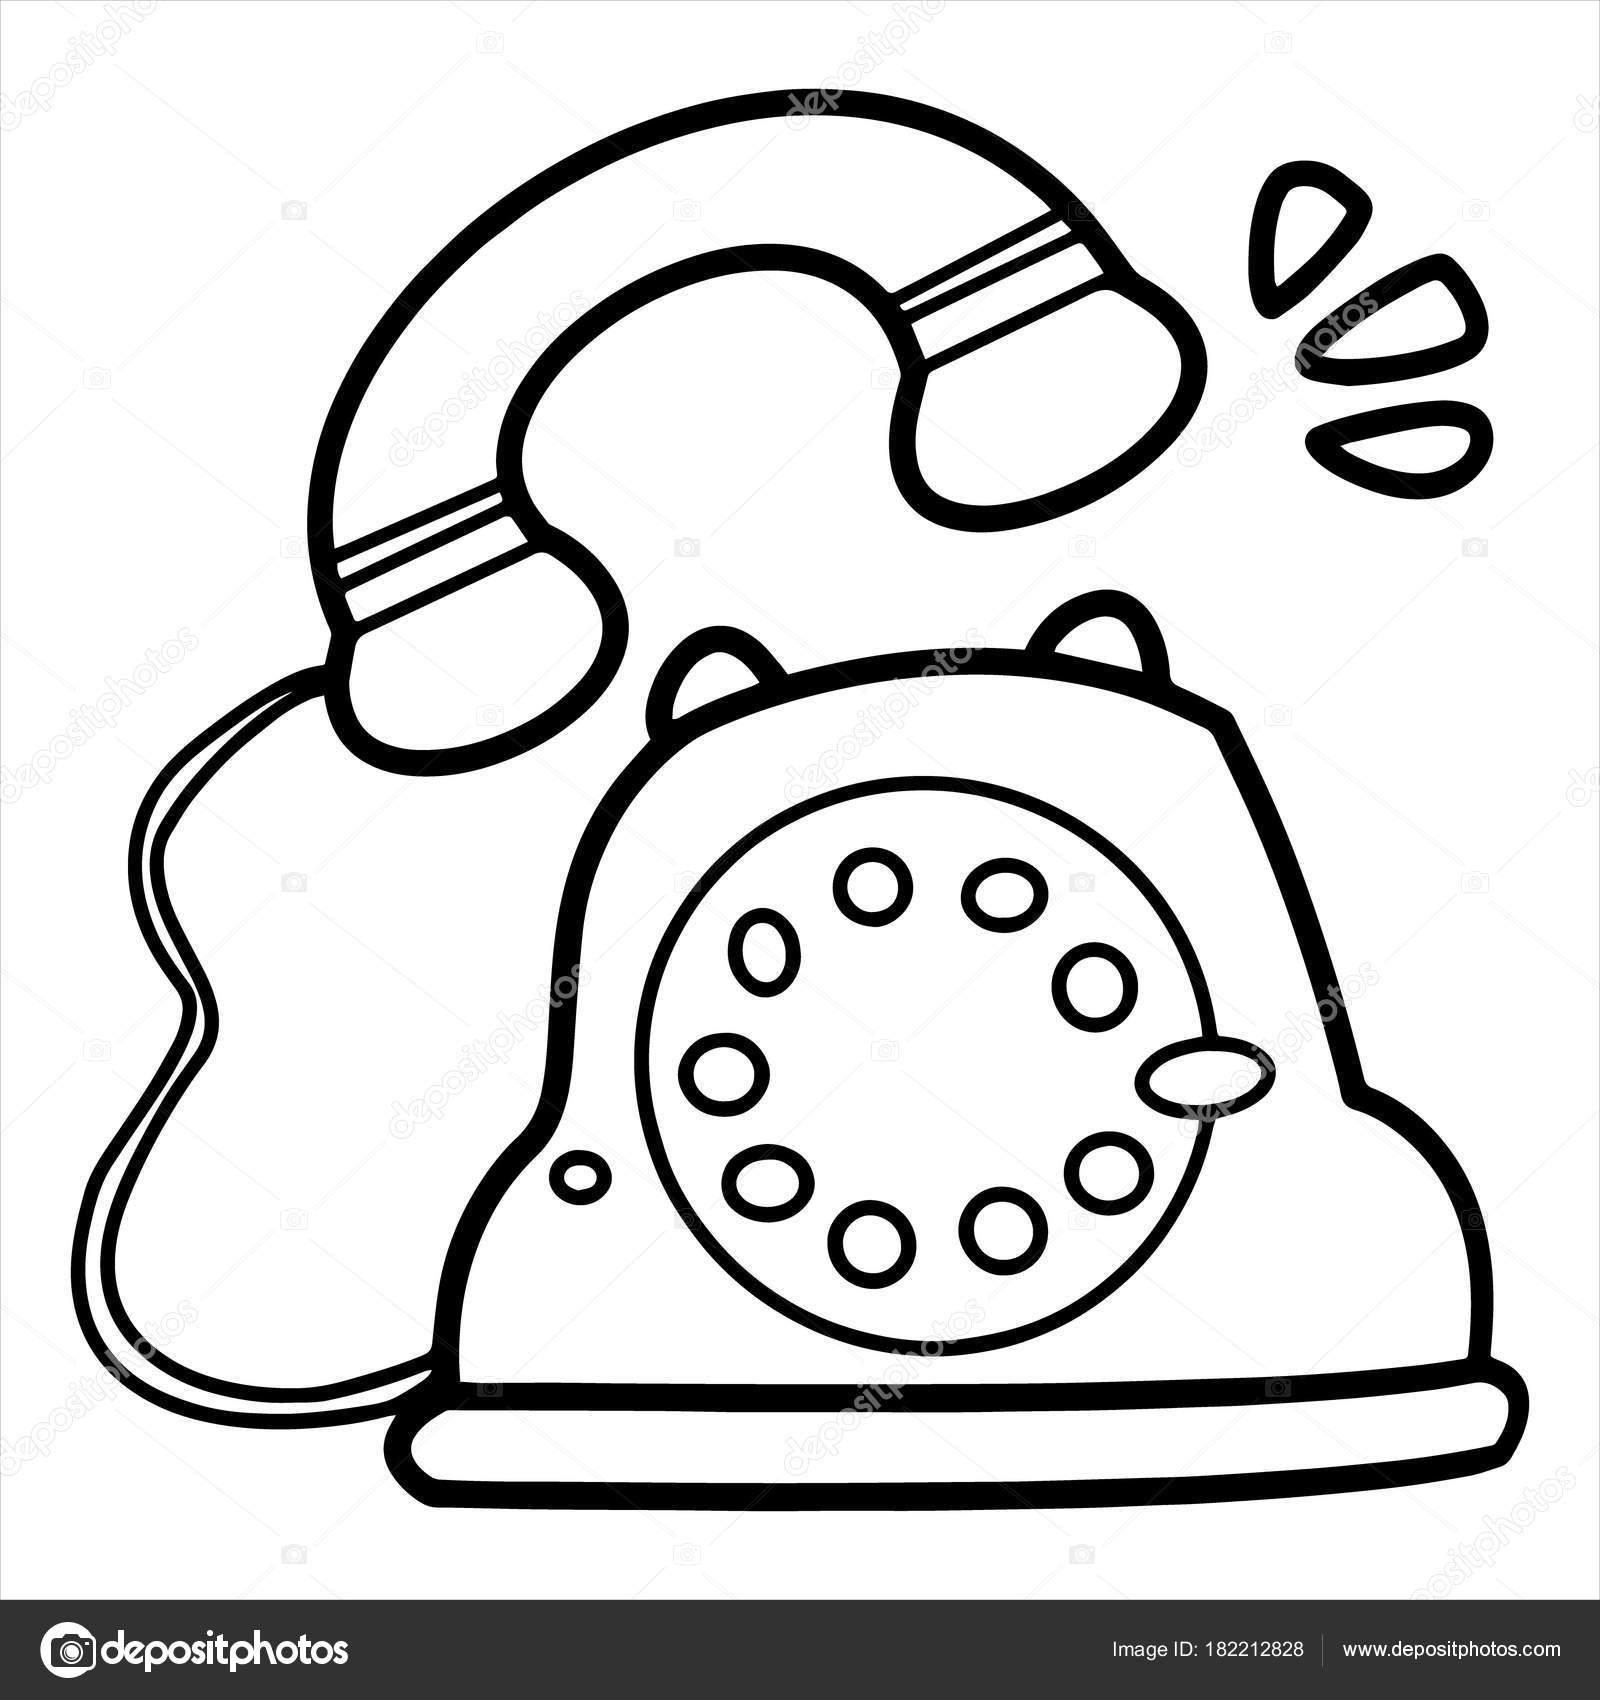 Dibujos Niños Con Gripe Para Colorear Teléfono Clásico Dibujos